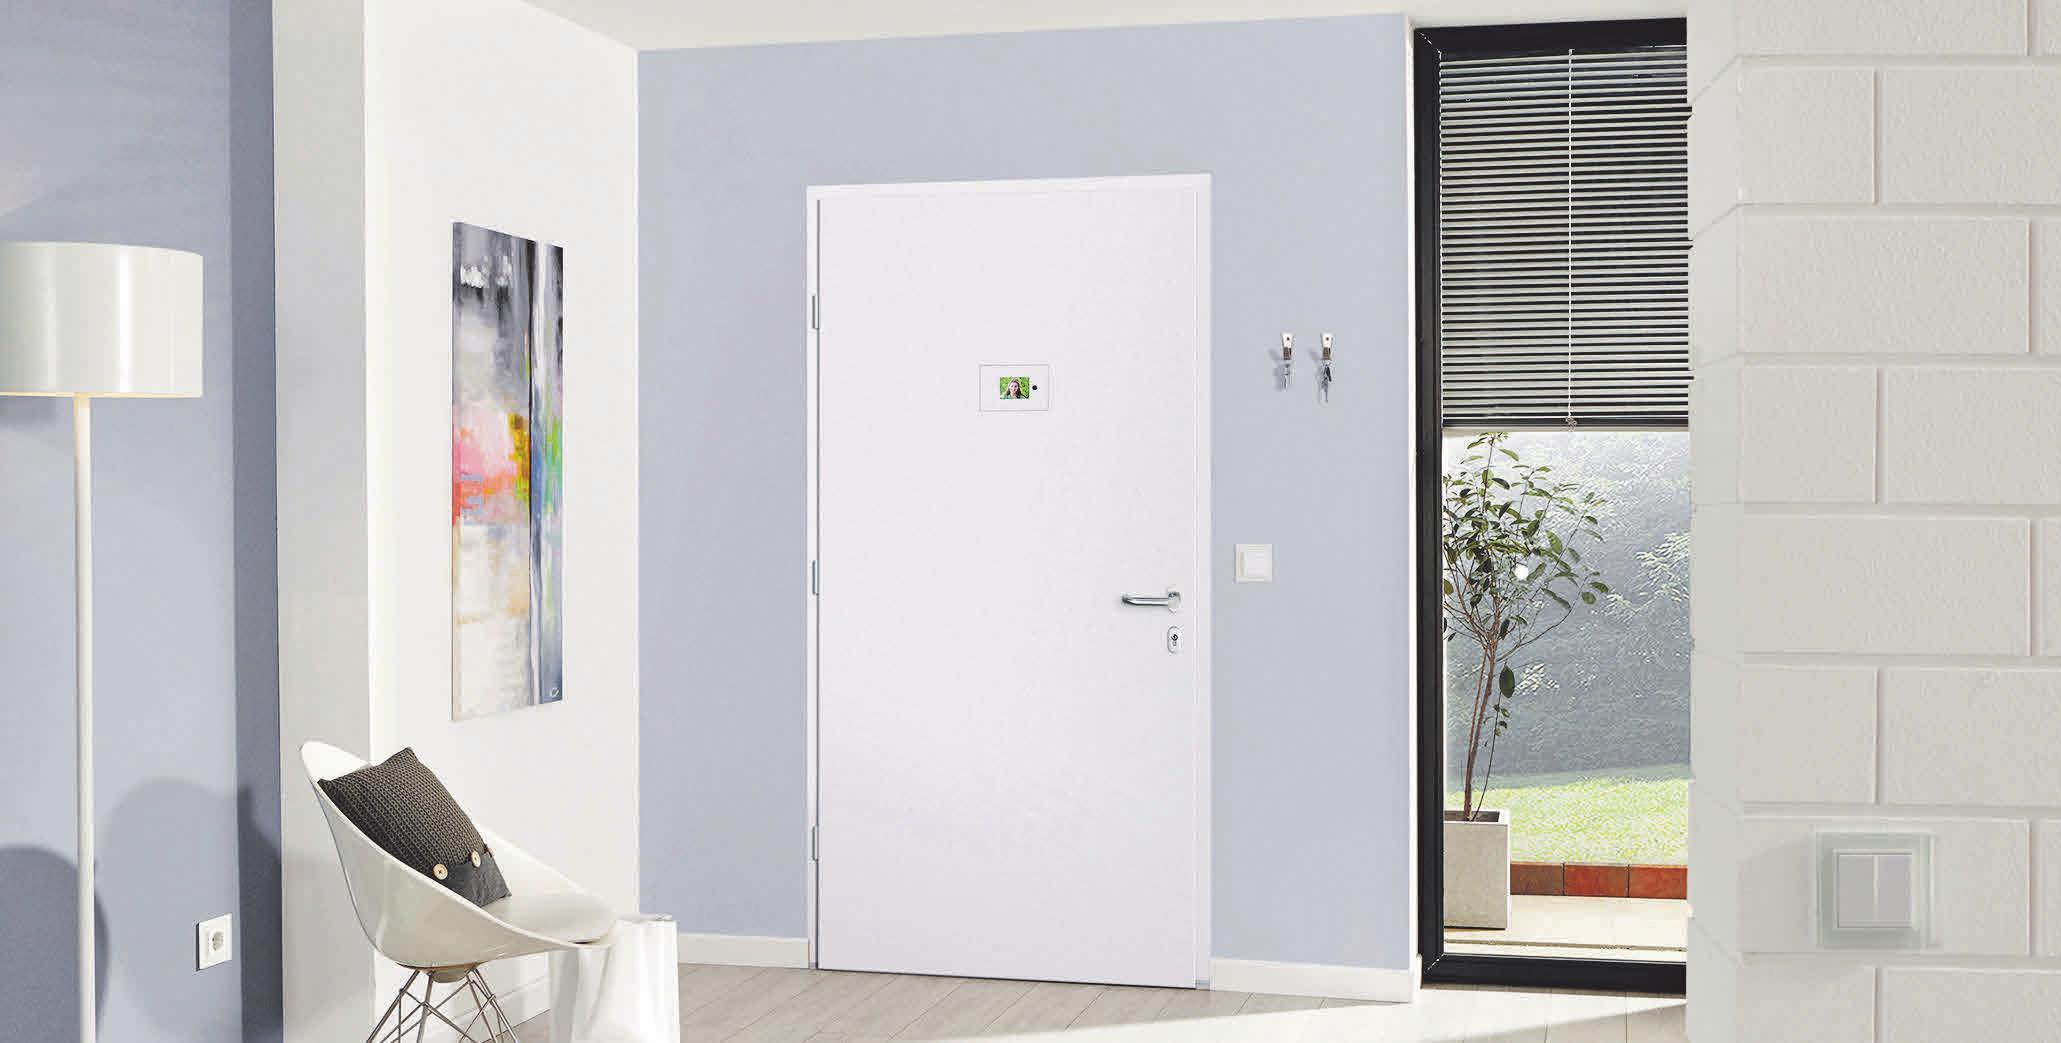 Haustürfüllungen von Rodenberg können nicht nur den Alltag komfortabler gestalten, sondern dank integrierter Sicherheitsmaßnahmen auch vor Eindringlingen schützen. Foto: epr/ Rodenberg